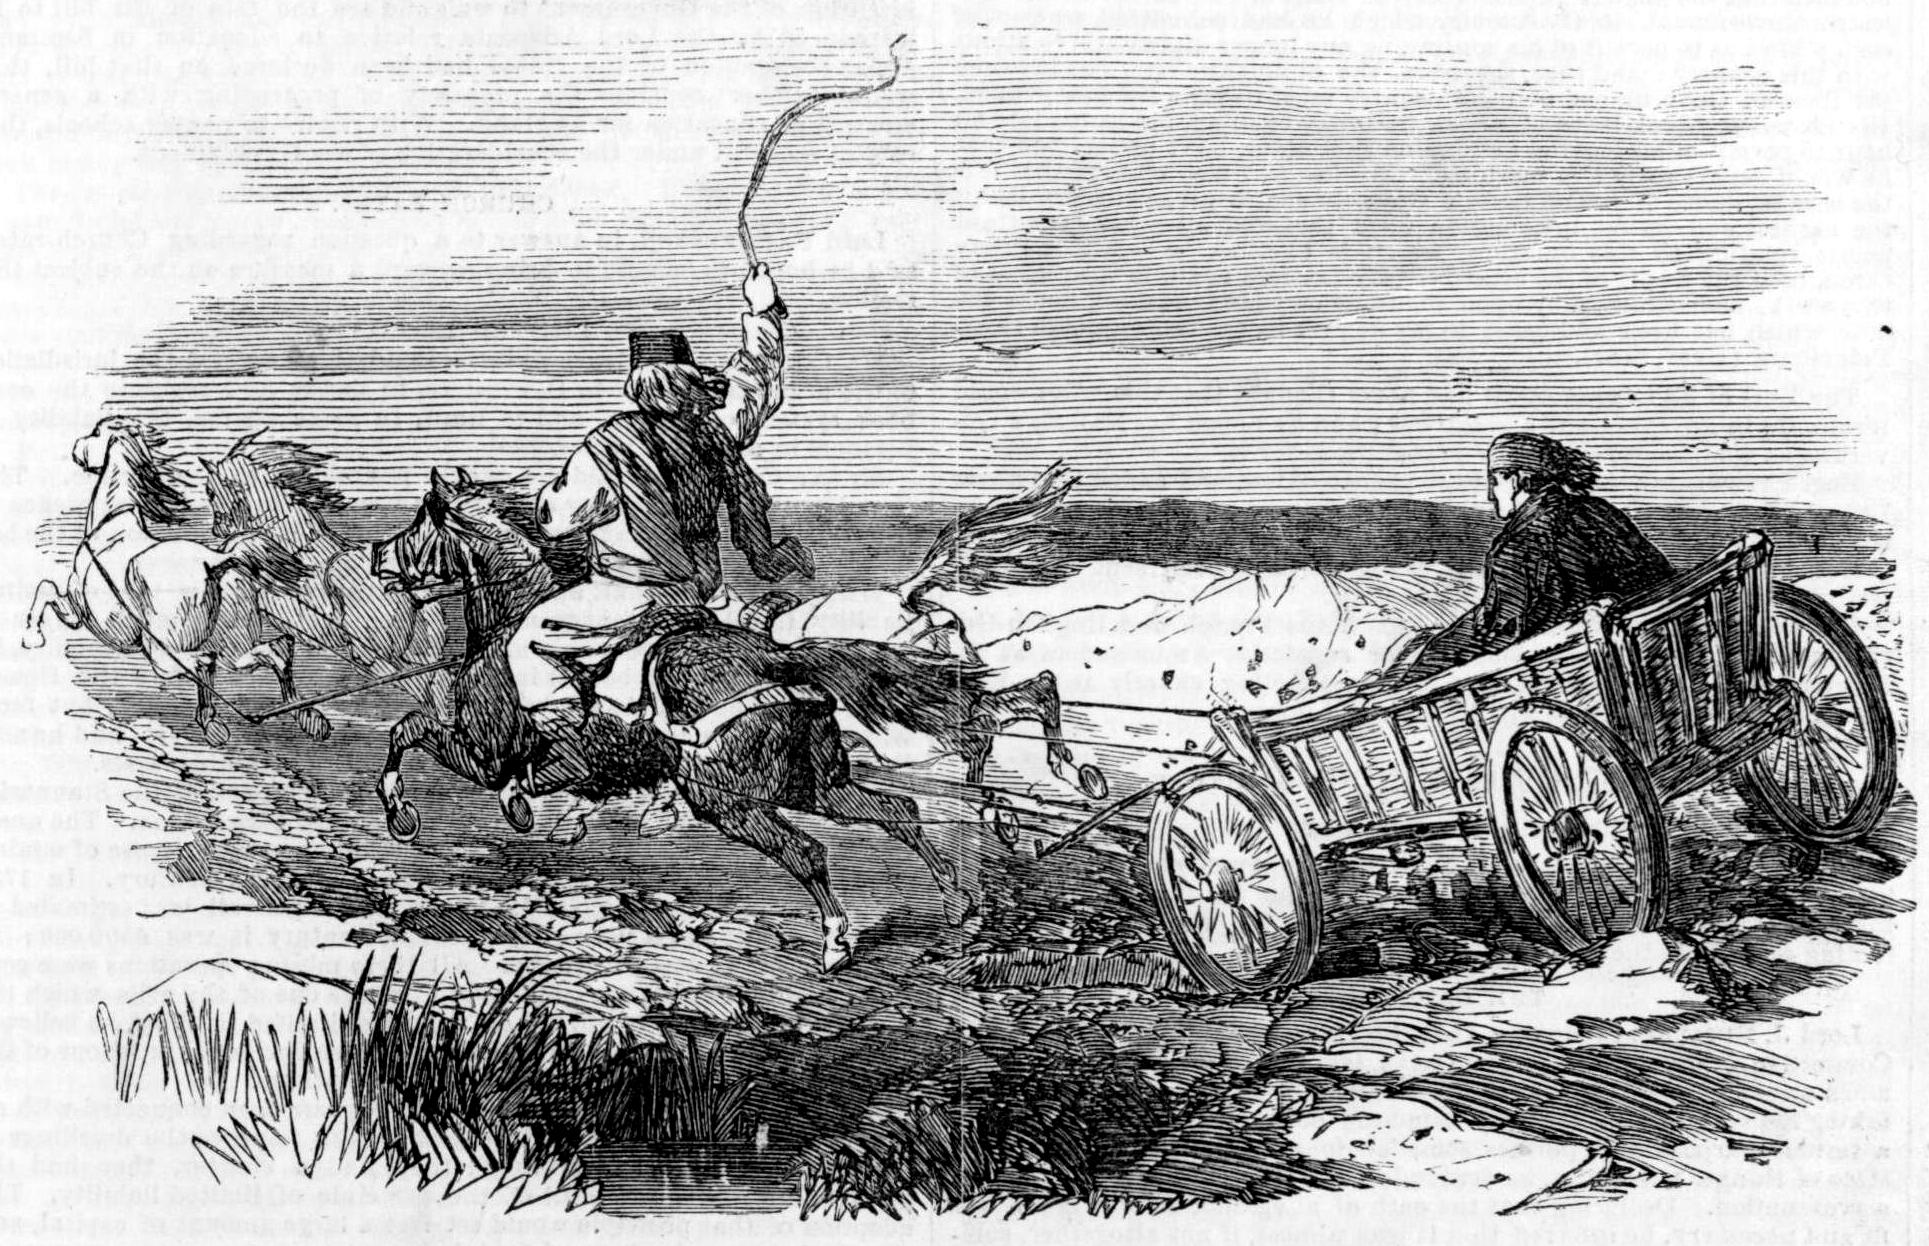 File:Araba of Little Wallachia, 1854.jpg